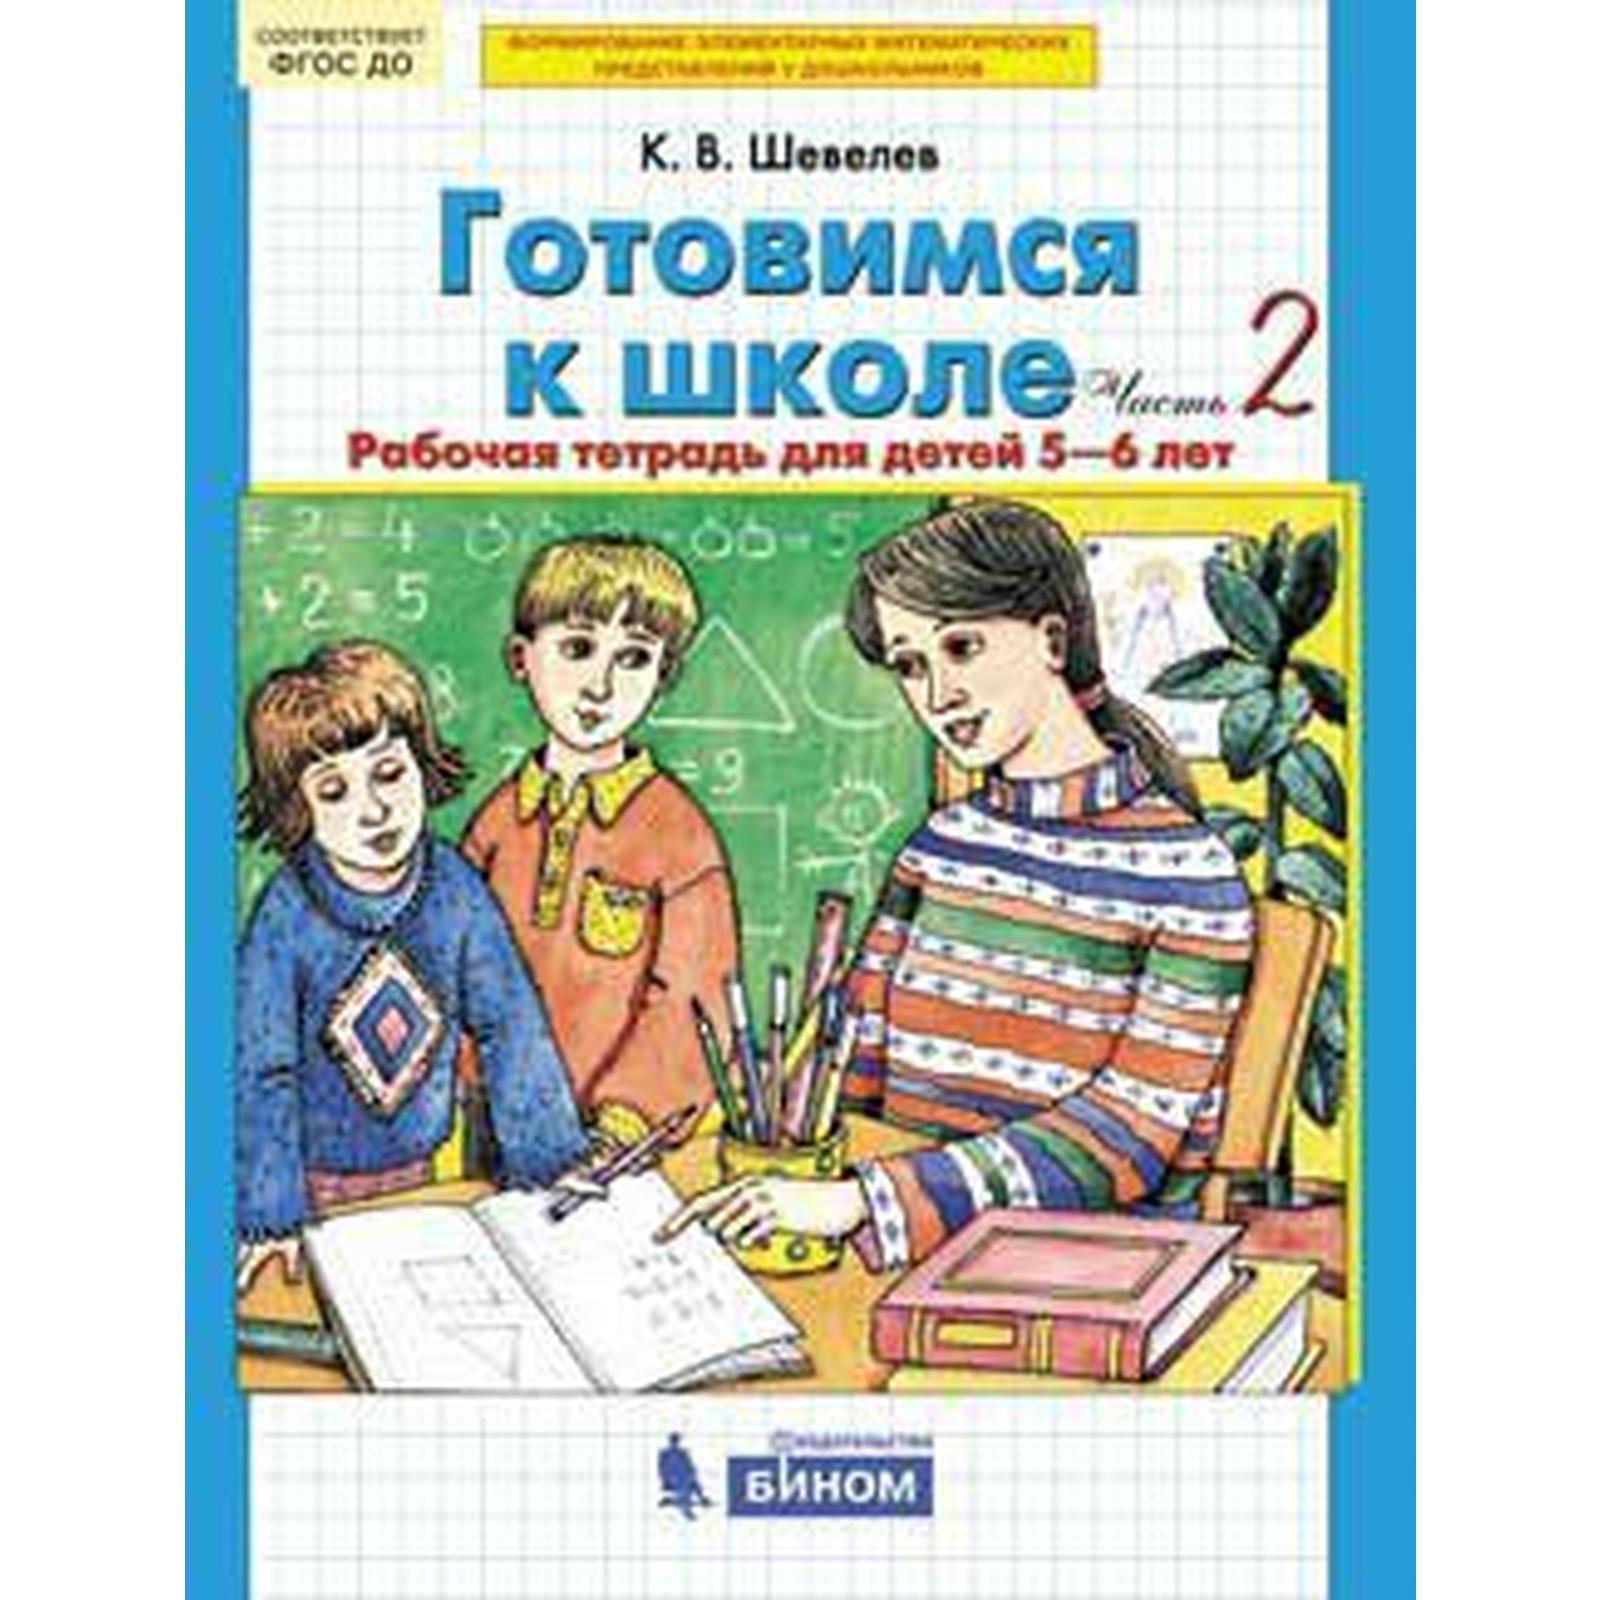 Готовимся к школе: Рабочая тетрадь для детей 5-6 лет: В 2 частях Часть 2